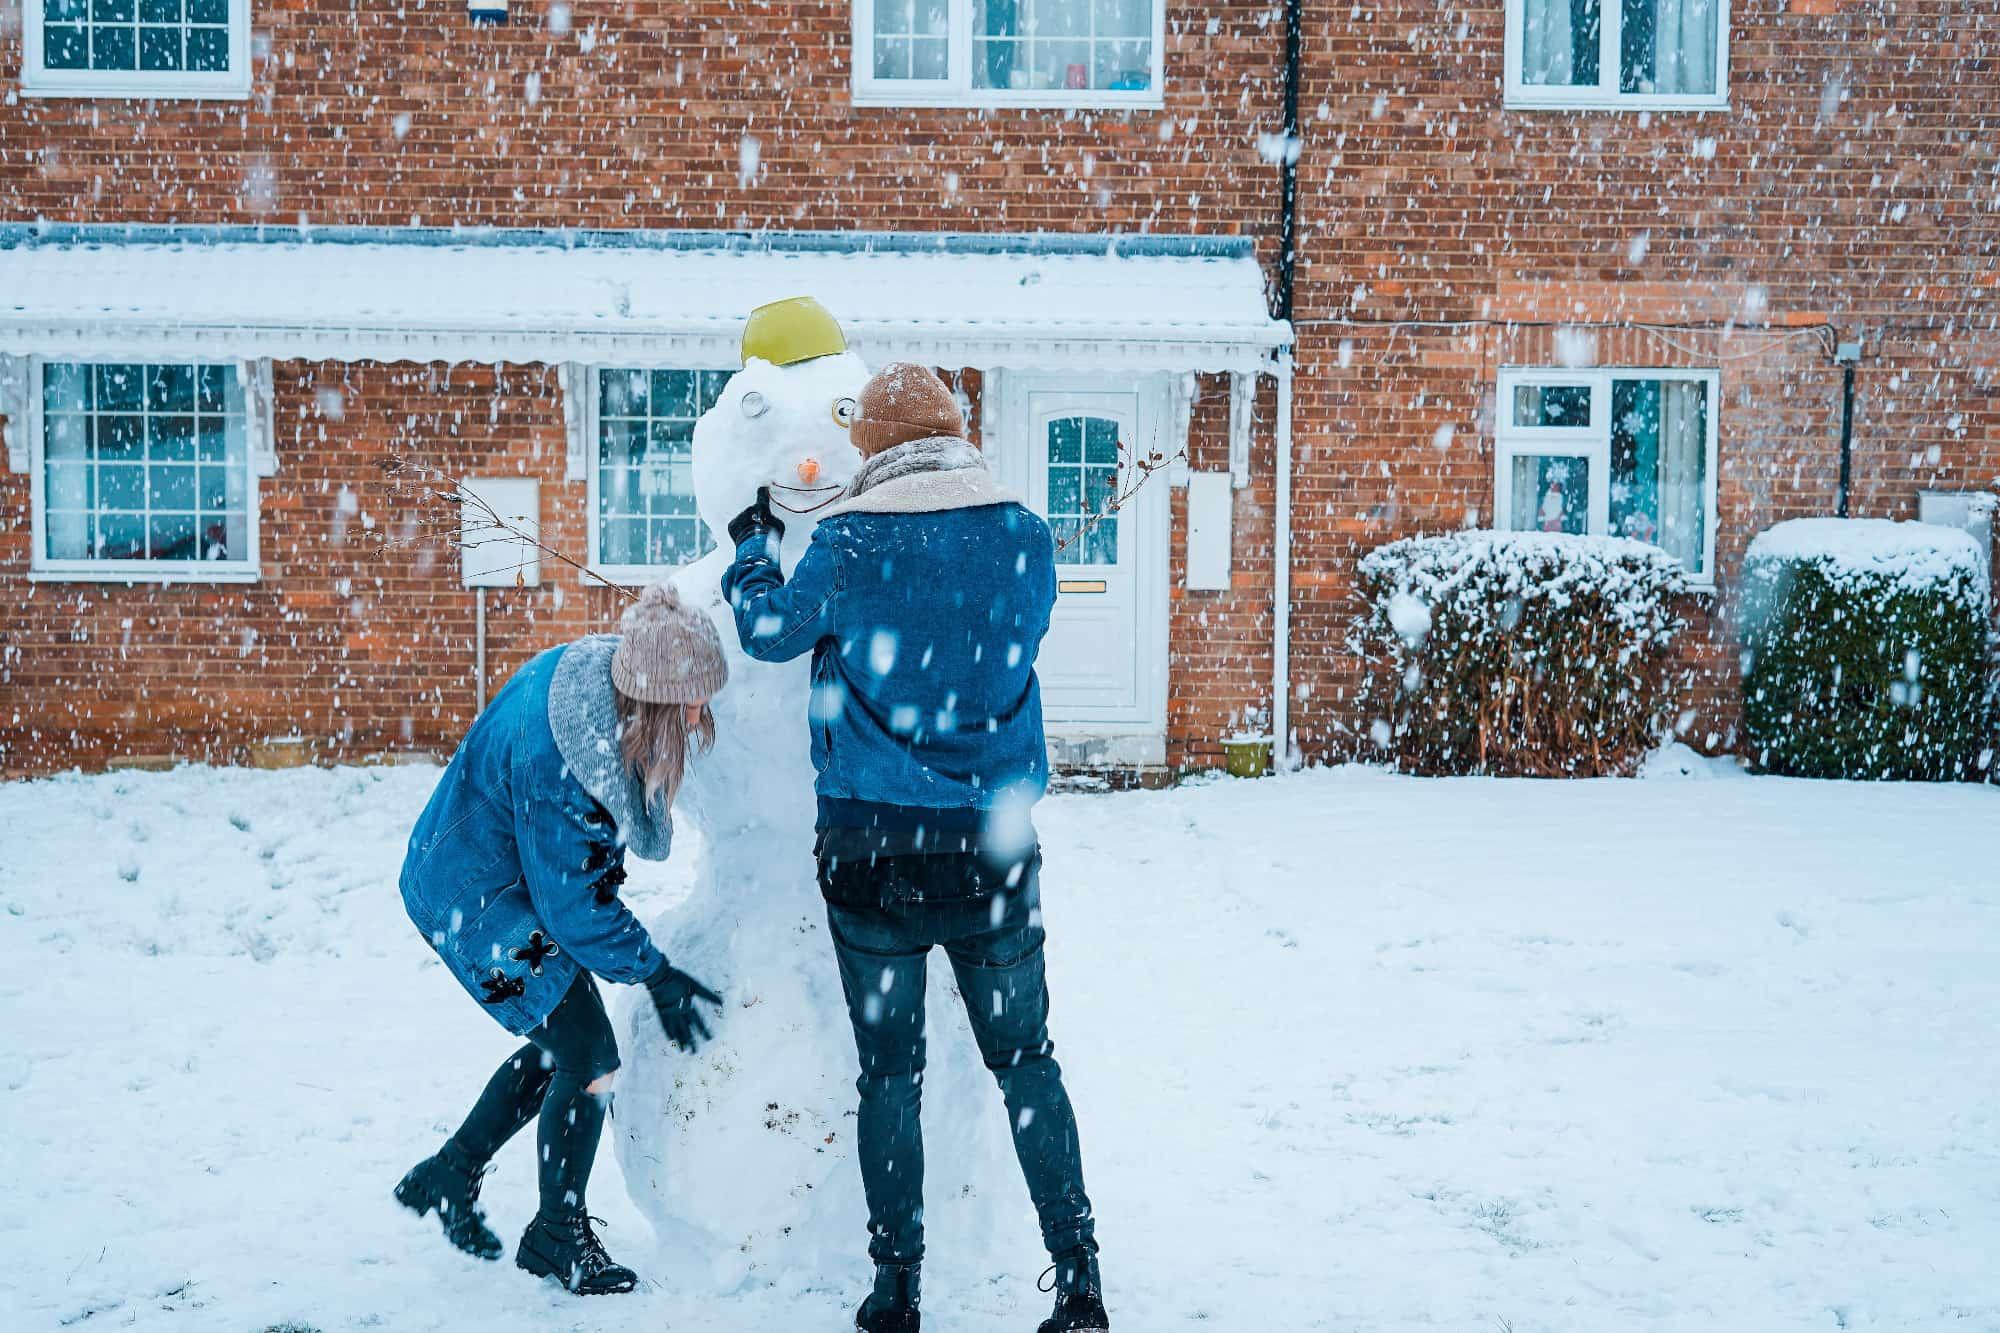 Couple building snowman